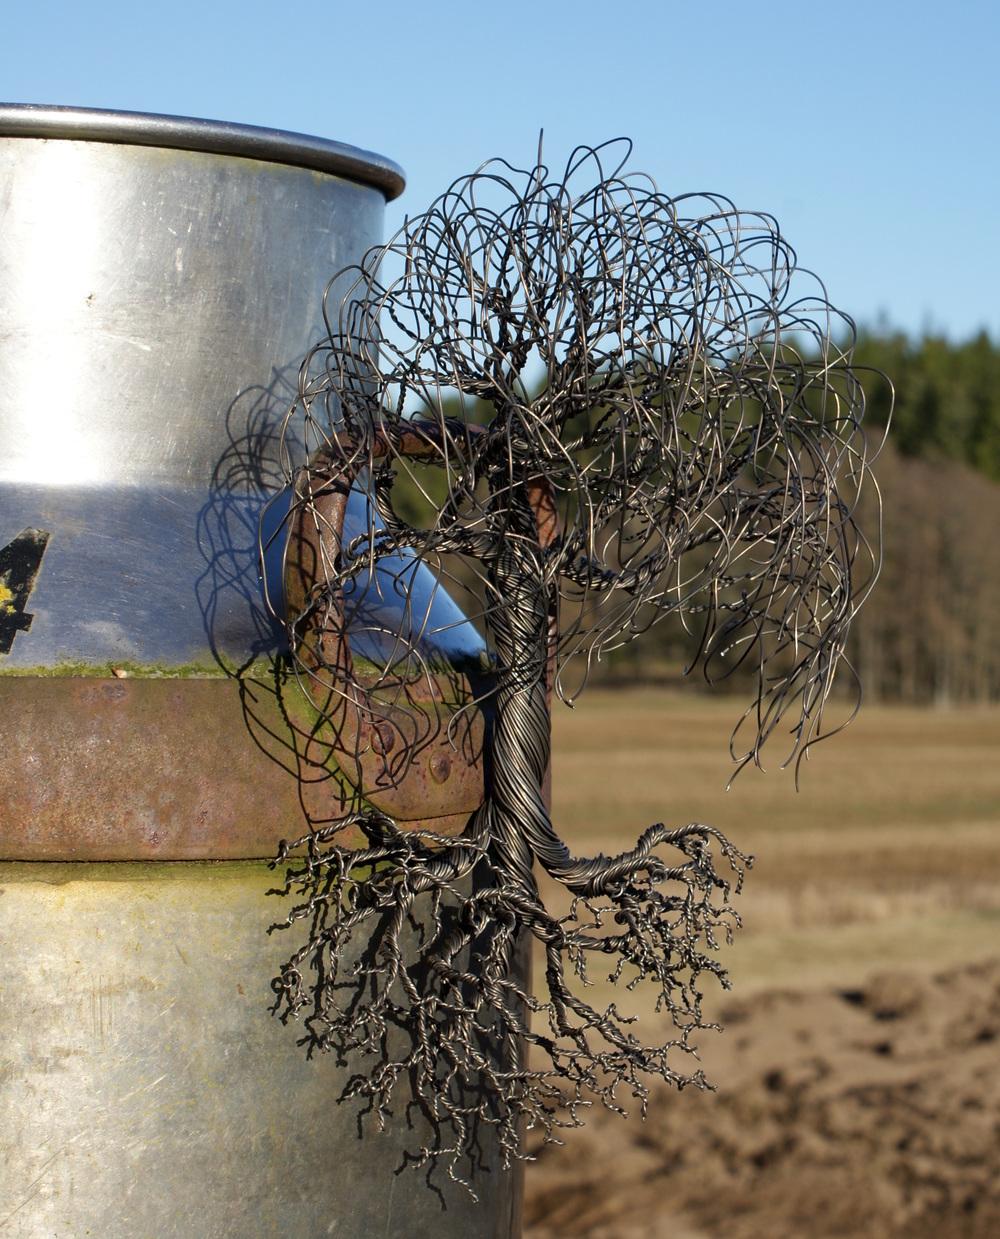 Vägghängt träd med rötter  950kr  Finns även i stor variant: 2800kr